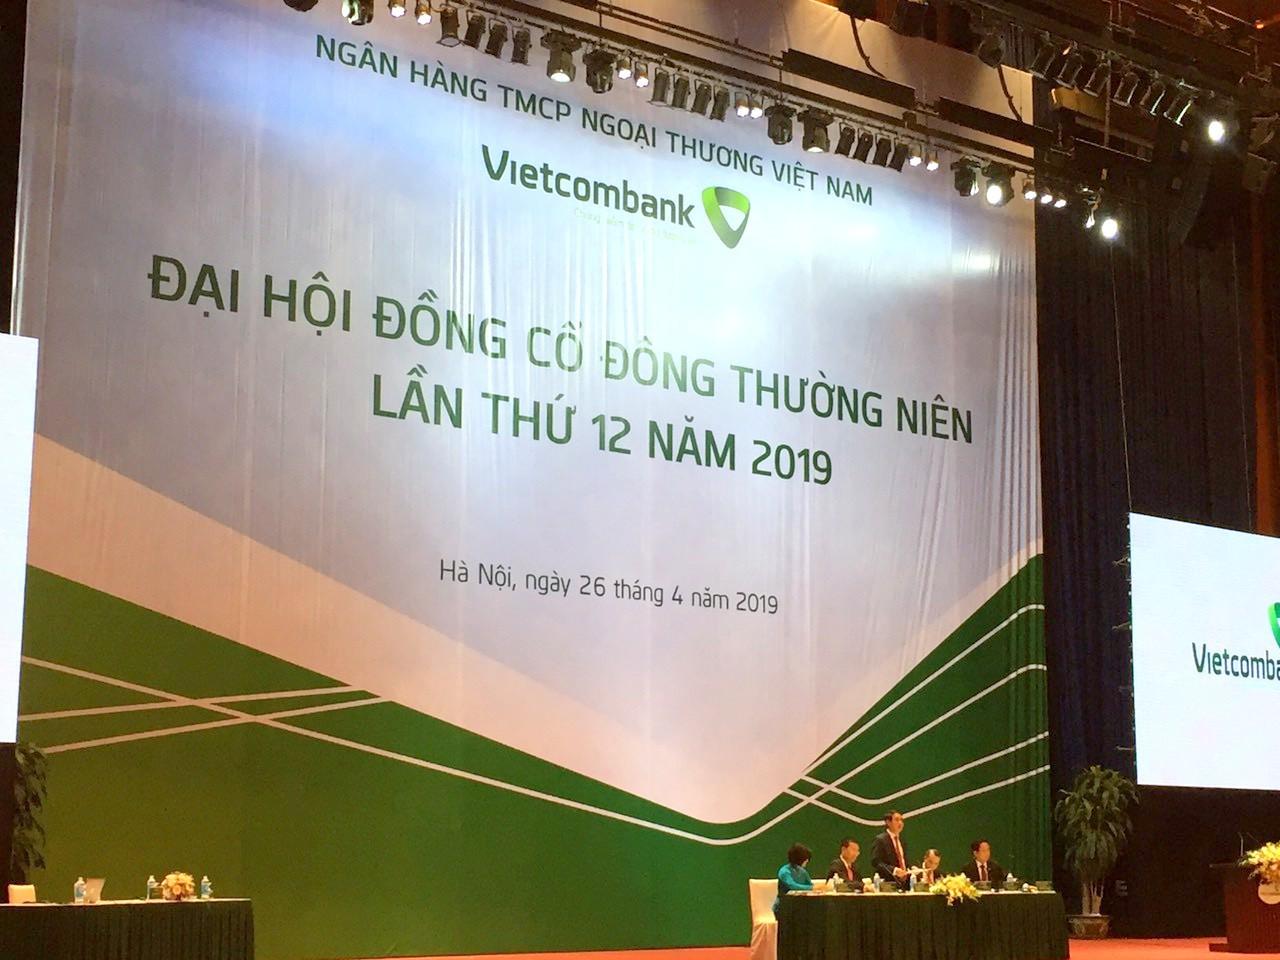 ĐHĐCĐ Vietcombank: Điều chỉnh lãi trước thuế 2019 về 20.000 tỉ đồng, kế hoạch tăng vốn lên gần 55.300 tỉ đến năm 2020 - Ảnh 1.